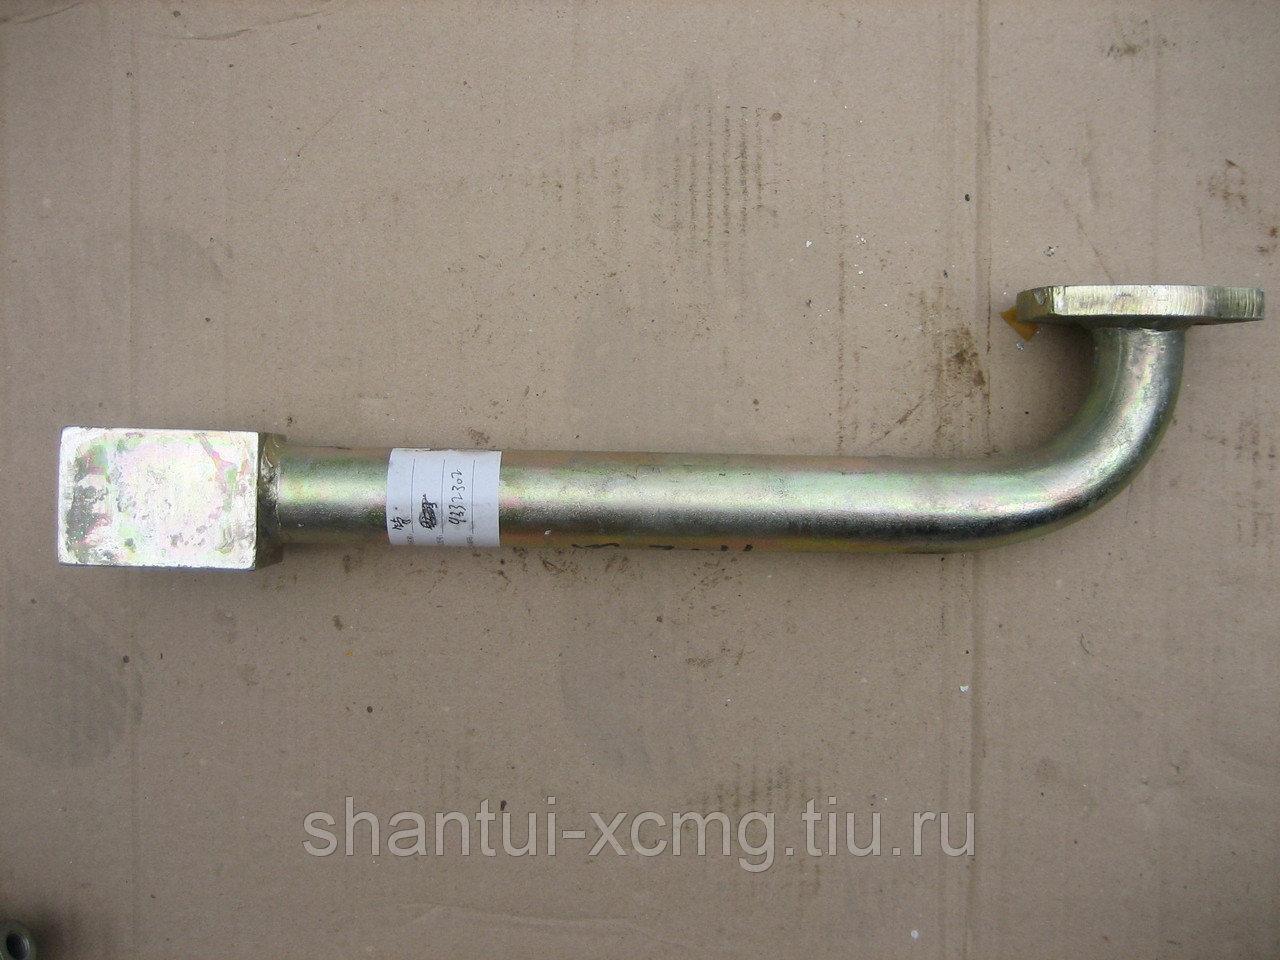 Трубка гидравлическая 9332302 / Z5GH.7.1.9, XCMG ZL50G